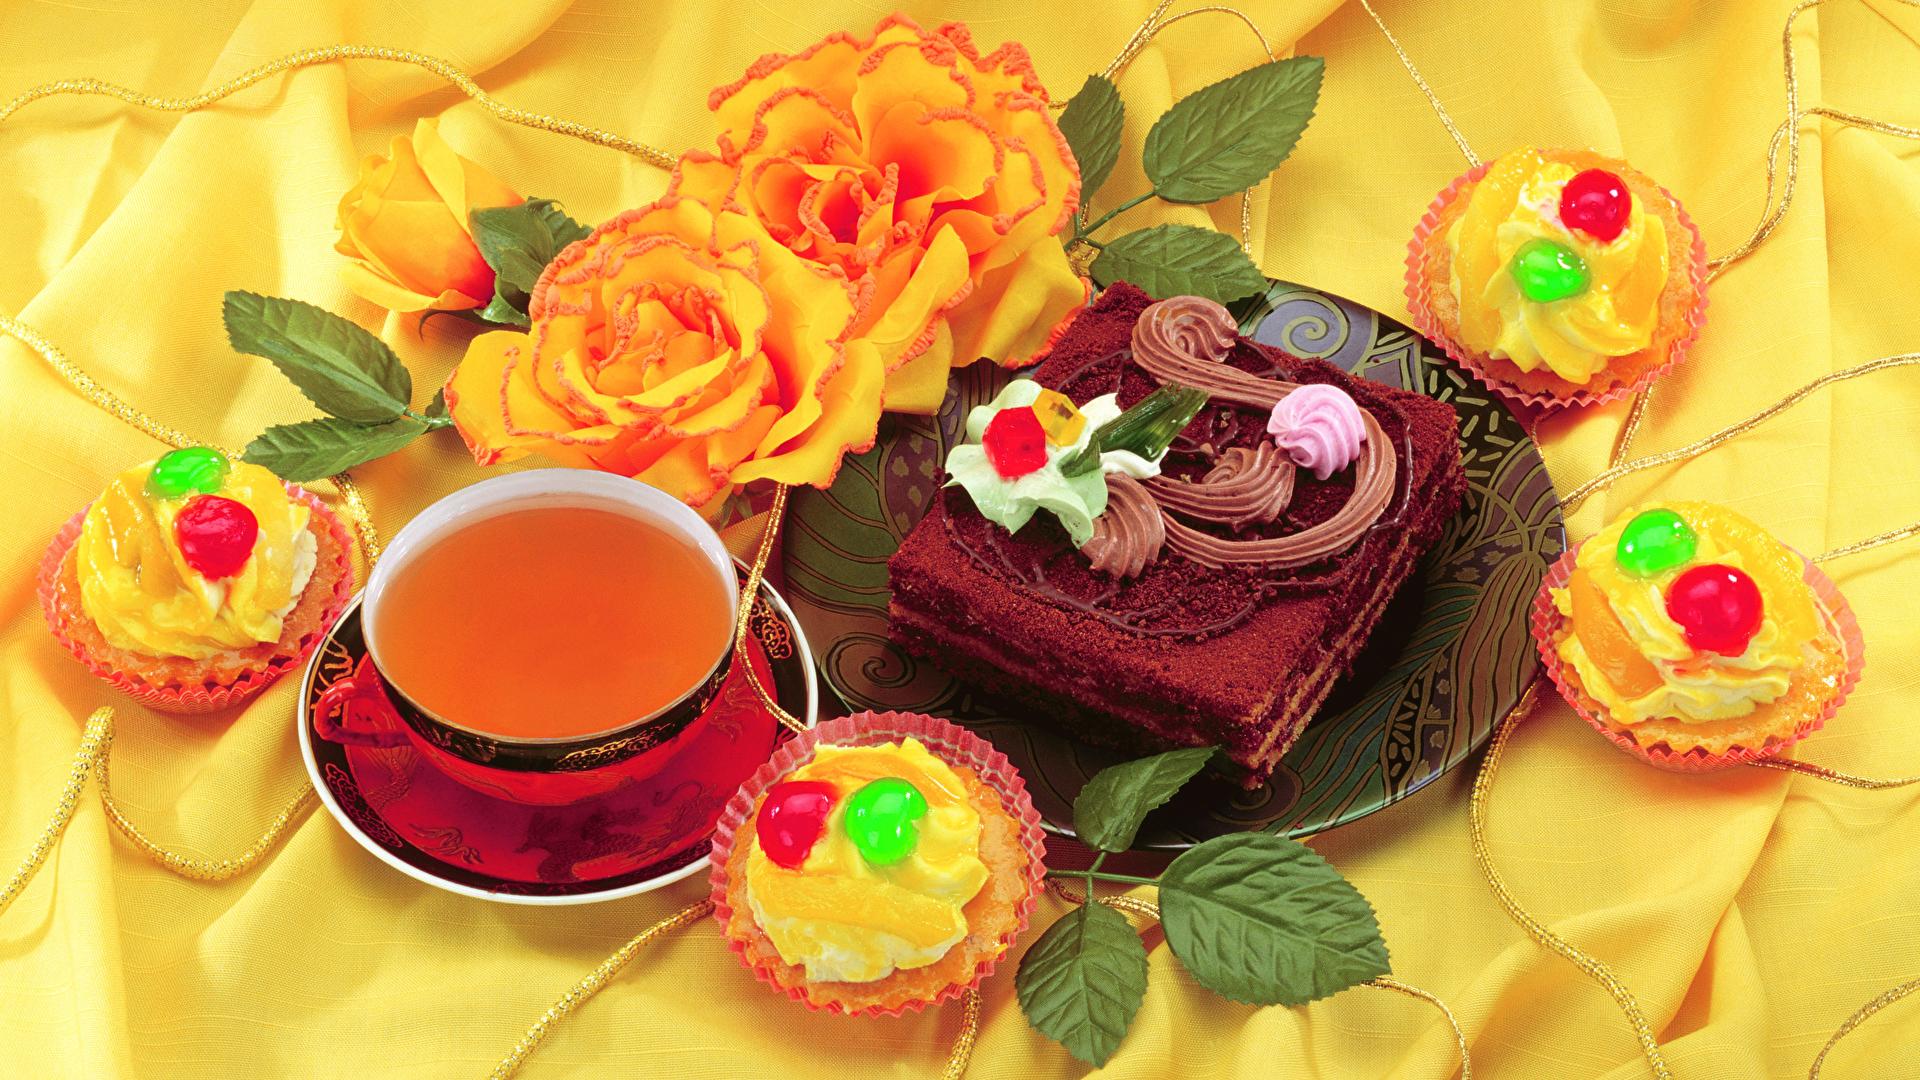 Фотографии Чай Торты Пирожное Еда Чашка Розы Натюрморт 1920x1080 Пища чашке Продукты питания роза